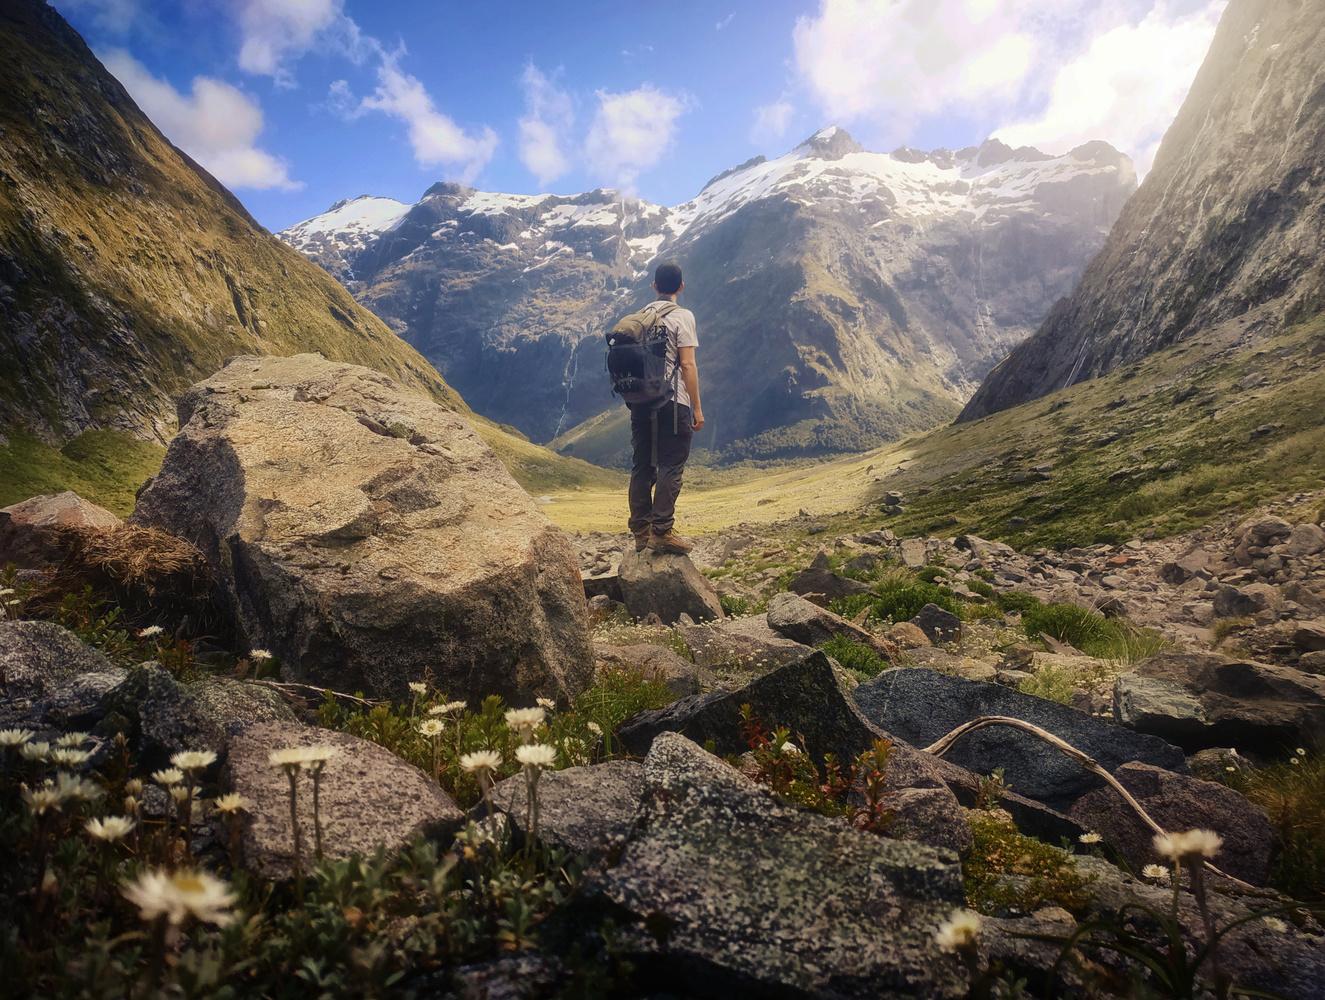 Fiordland National Park, New Zealand by DaniGviews /Daniel